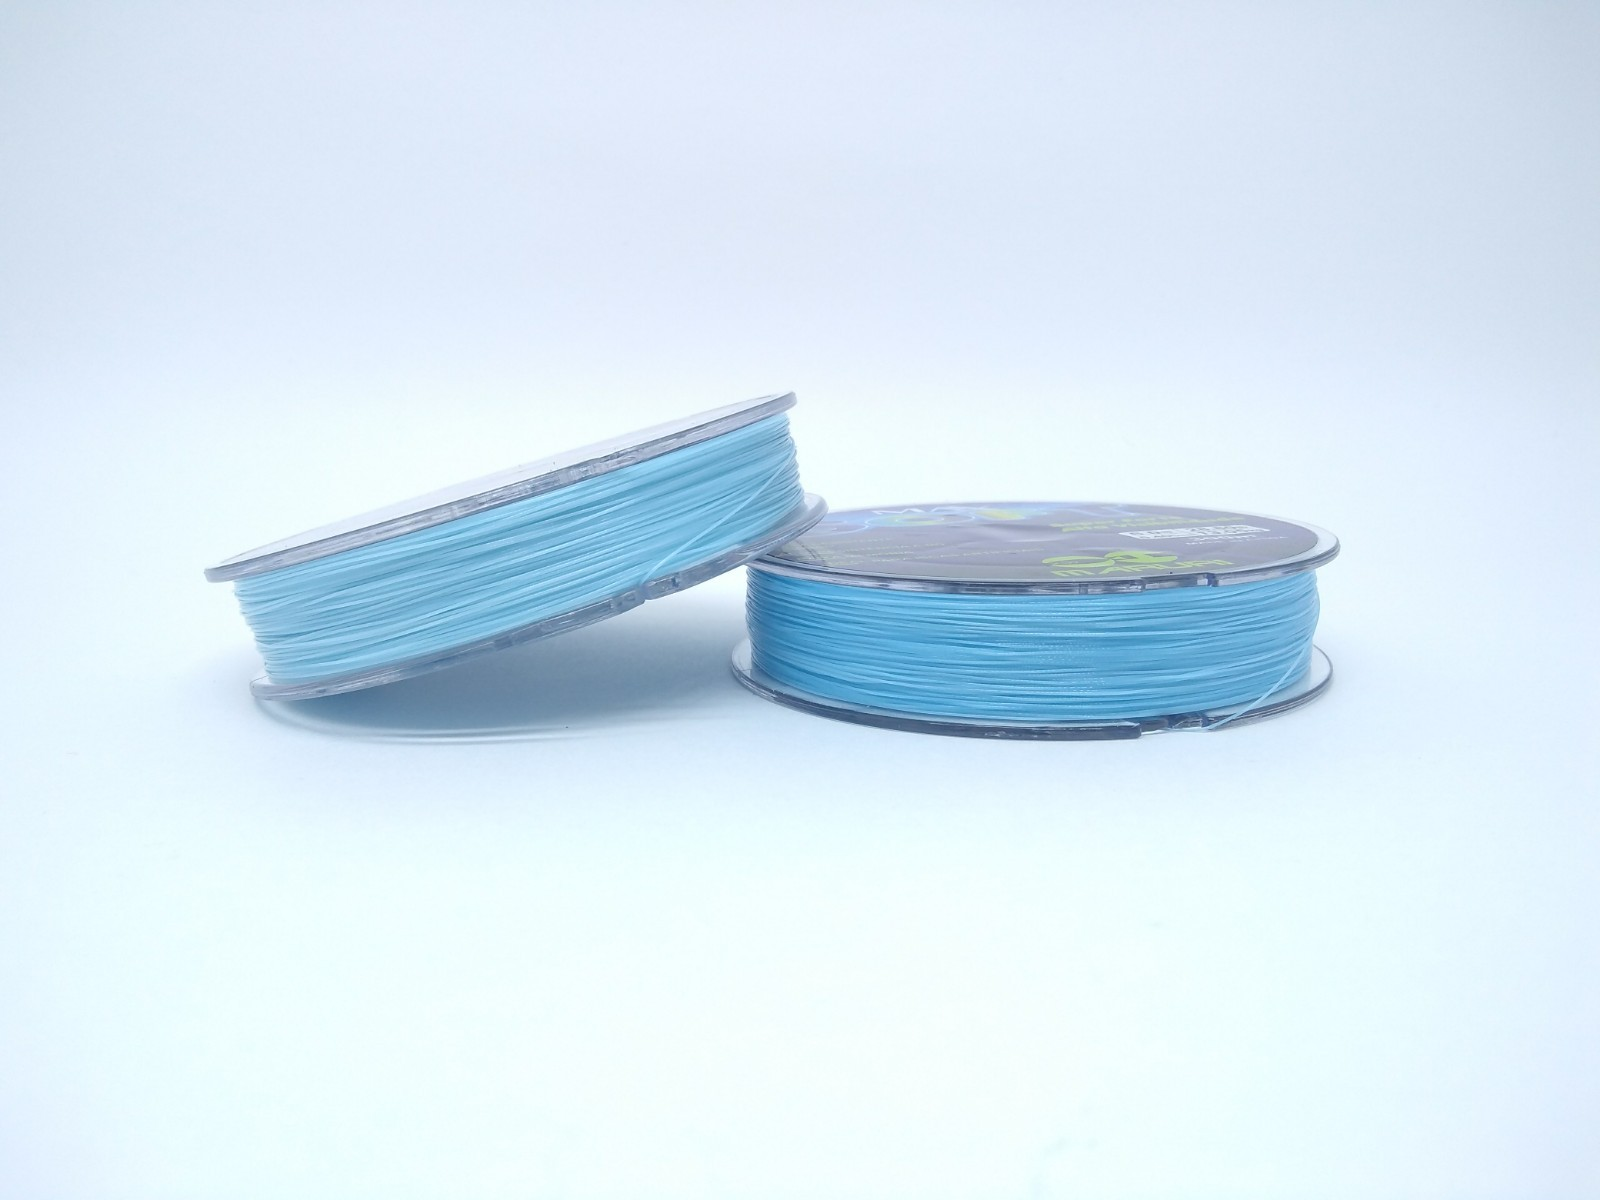 Linha Monofilamento Maruri Max Soft 0,37mm 24,30lb/11,04kg - 300 Metros (Azul Claro)  - Life Pesca - Sua loja de Pesca, Camping e Lazer